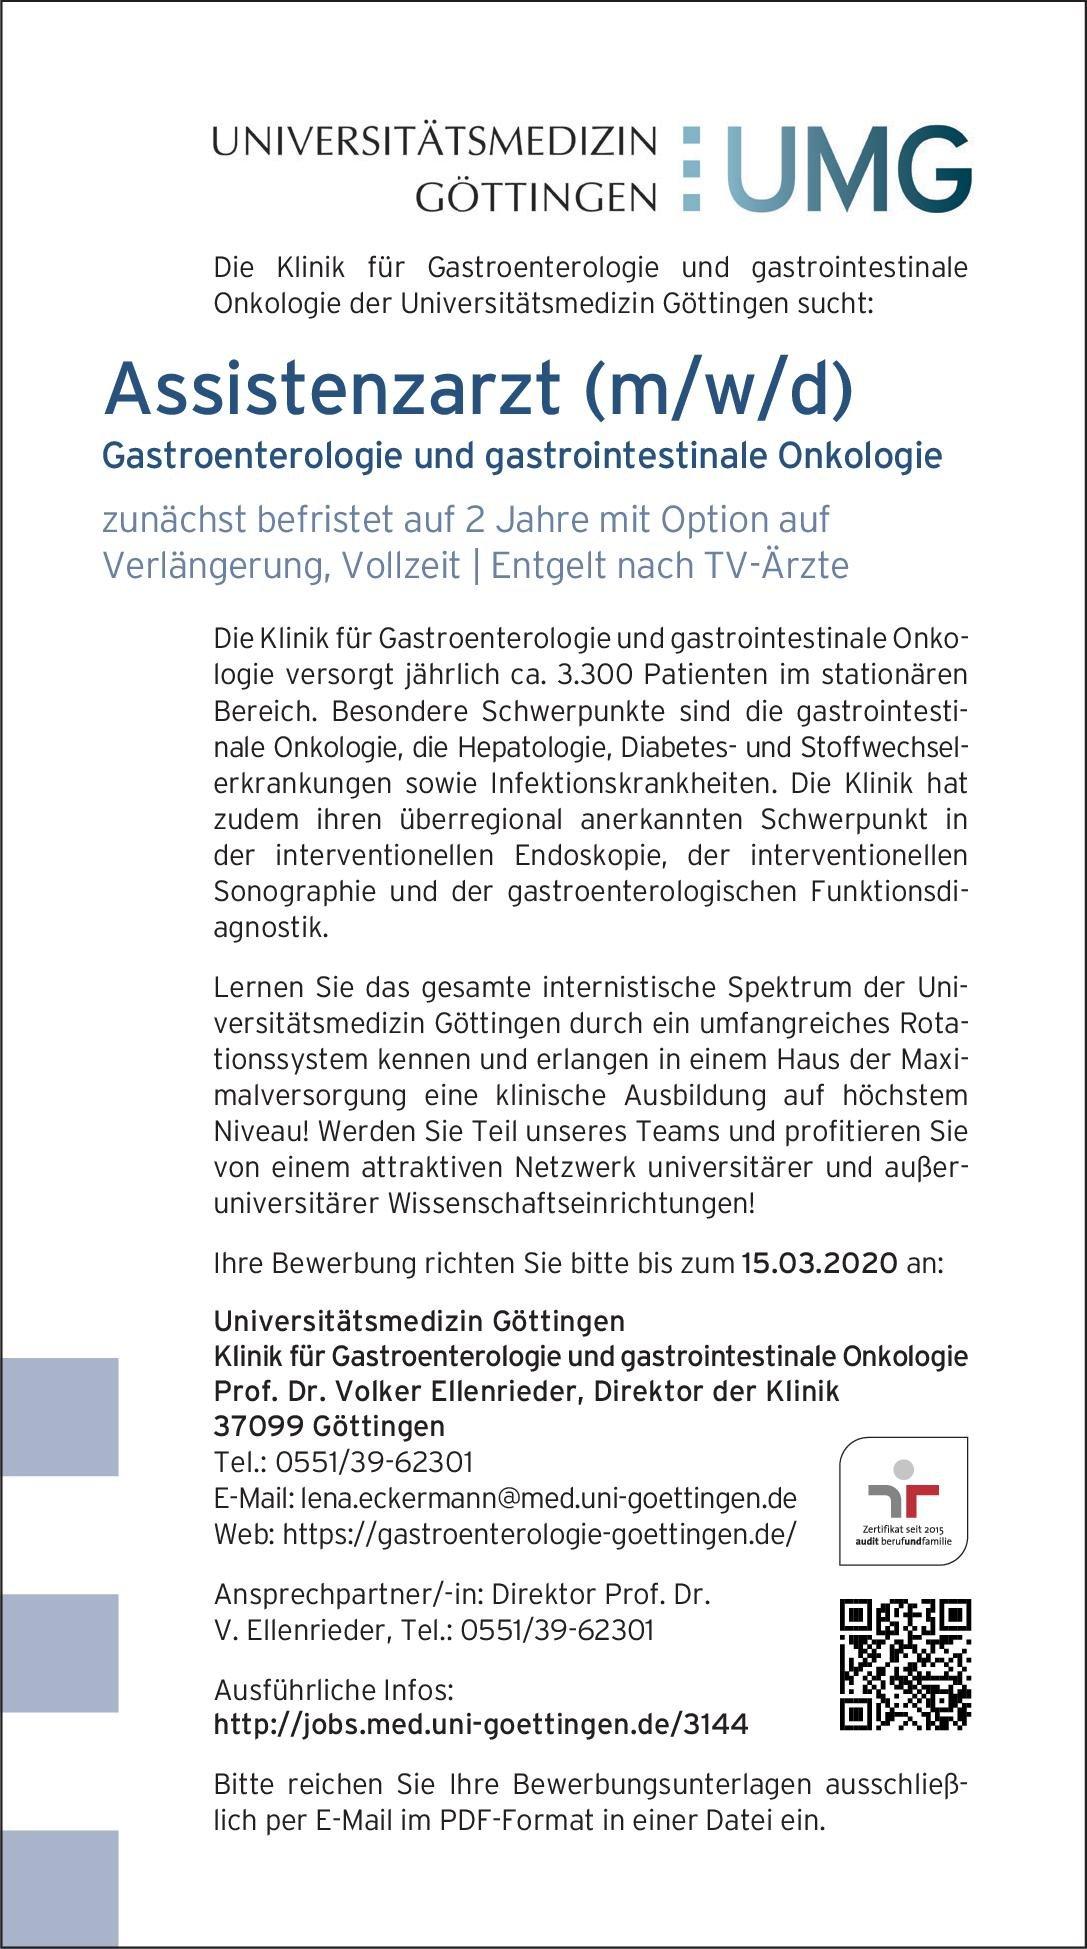 Universitätsmedizin Göttingen Assistenzarzt (m/w/d) Gastroenterologie und gastrointestinale Onkologie  Innere Medizin und Gastroenterologie, Innere Medizin Assistenzarzt / Arzt in Weiterbildung